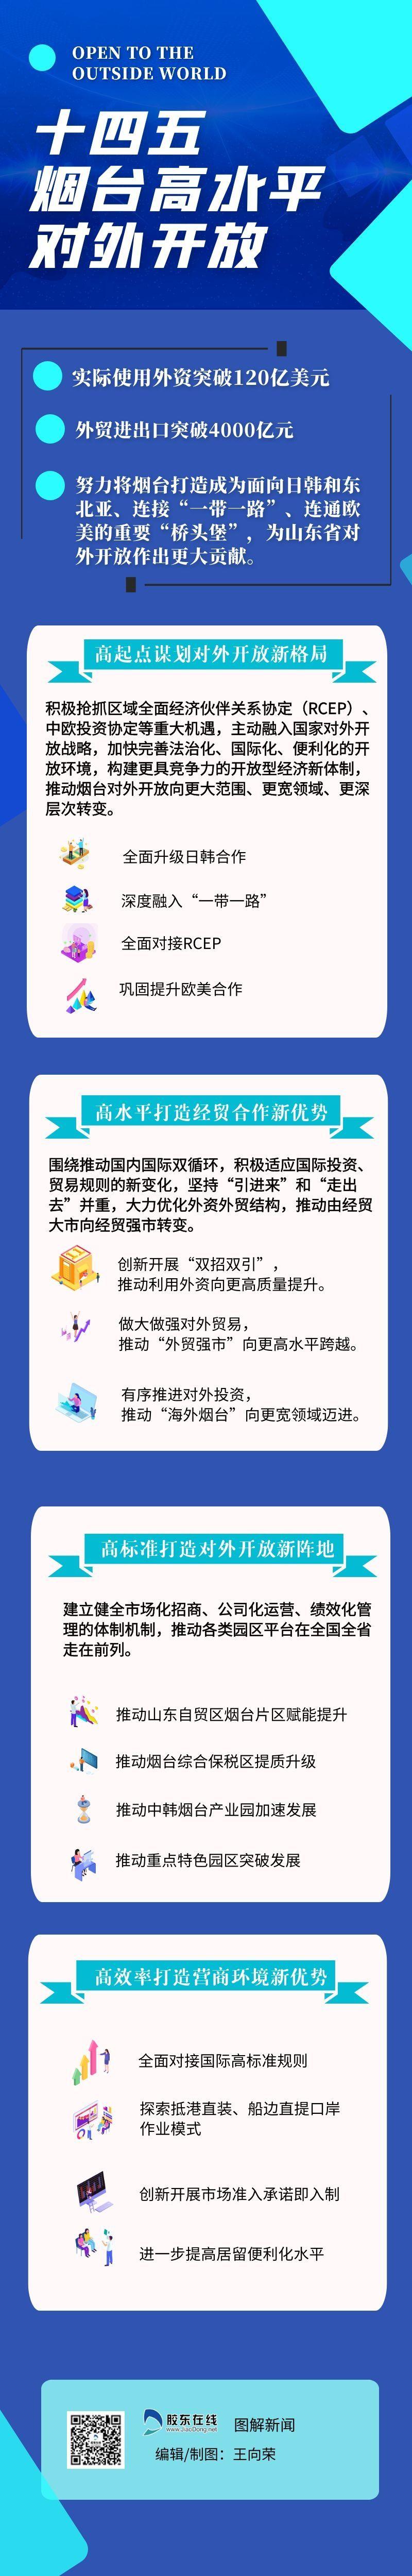 """天富官网测速地址一图读懂!""""十四五""""烟台高水平对外开放大目标"""